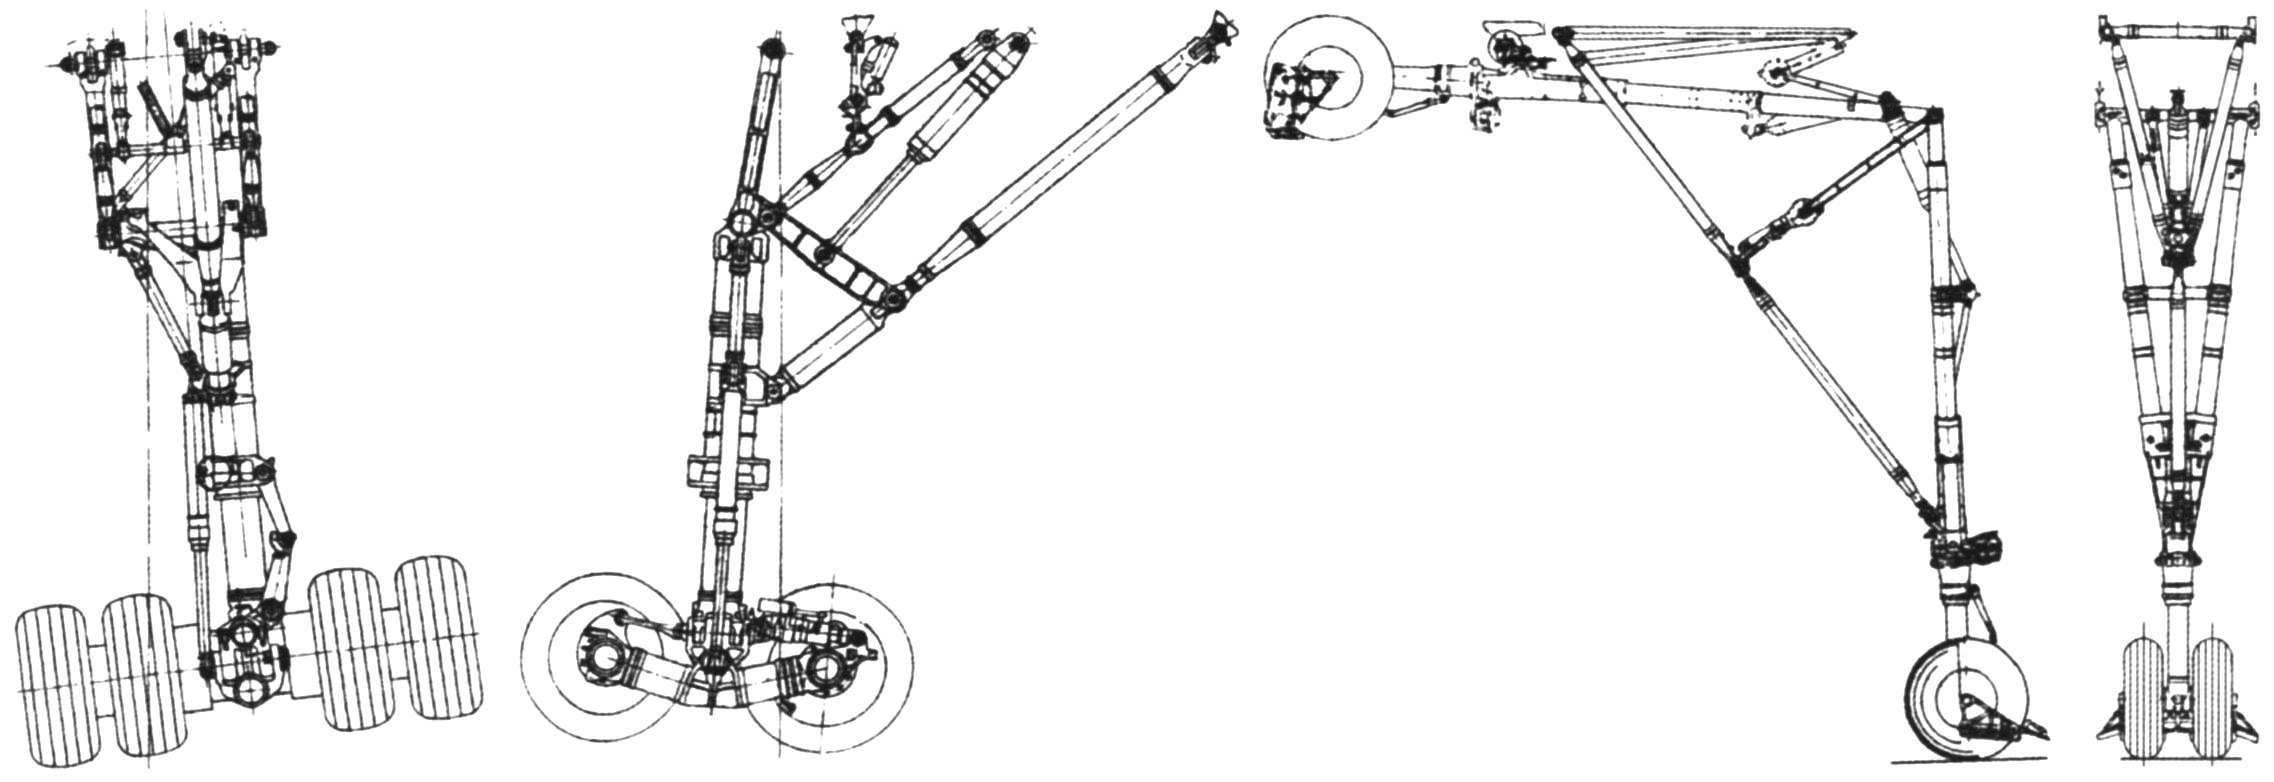 Основная (слева, без нагрузки) и передняя (справа) опоры шасси